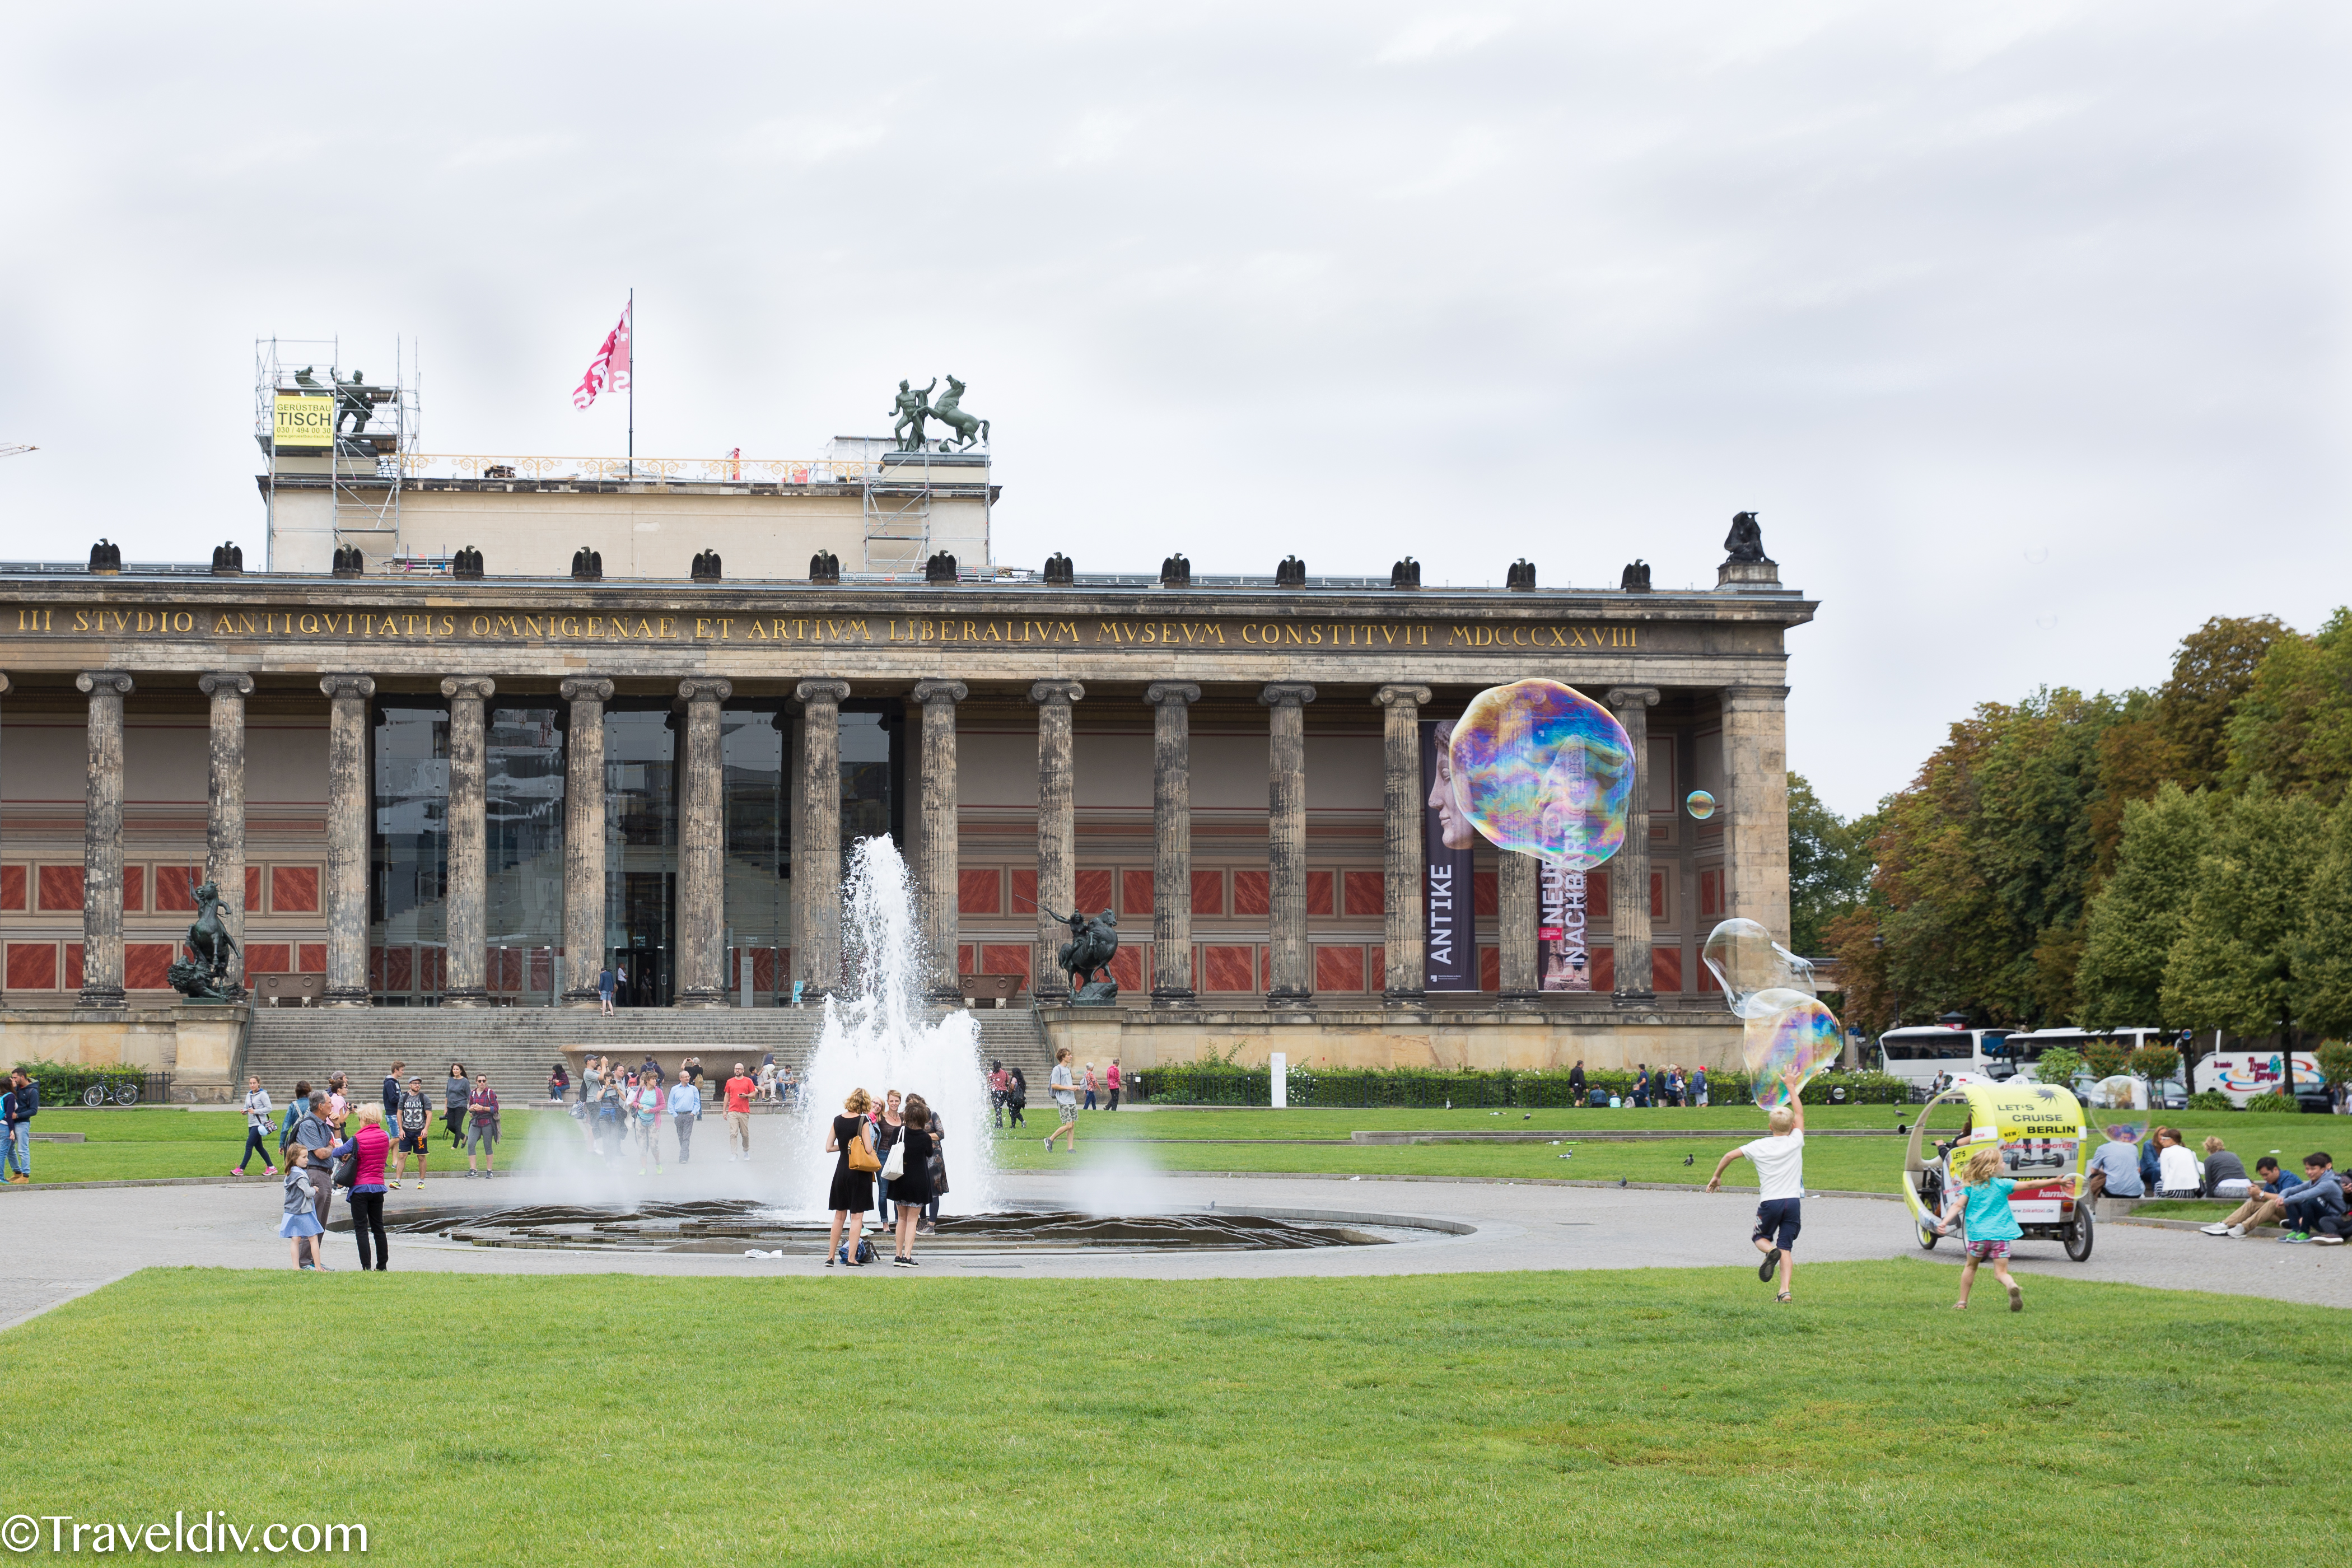 IMG_0062 برلين عاصمة الحرب و السلام , هنا تجدون رحلتي لها مع اهم الاماكن السياحية و الفنادق و الاسواق و بعض المطاعم .